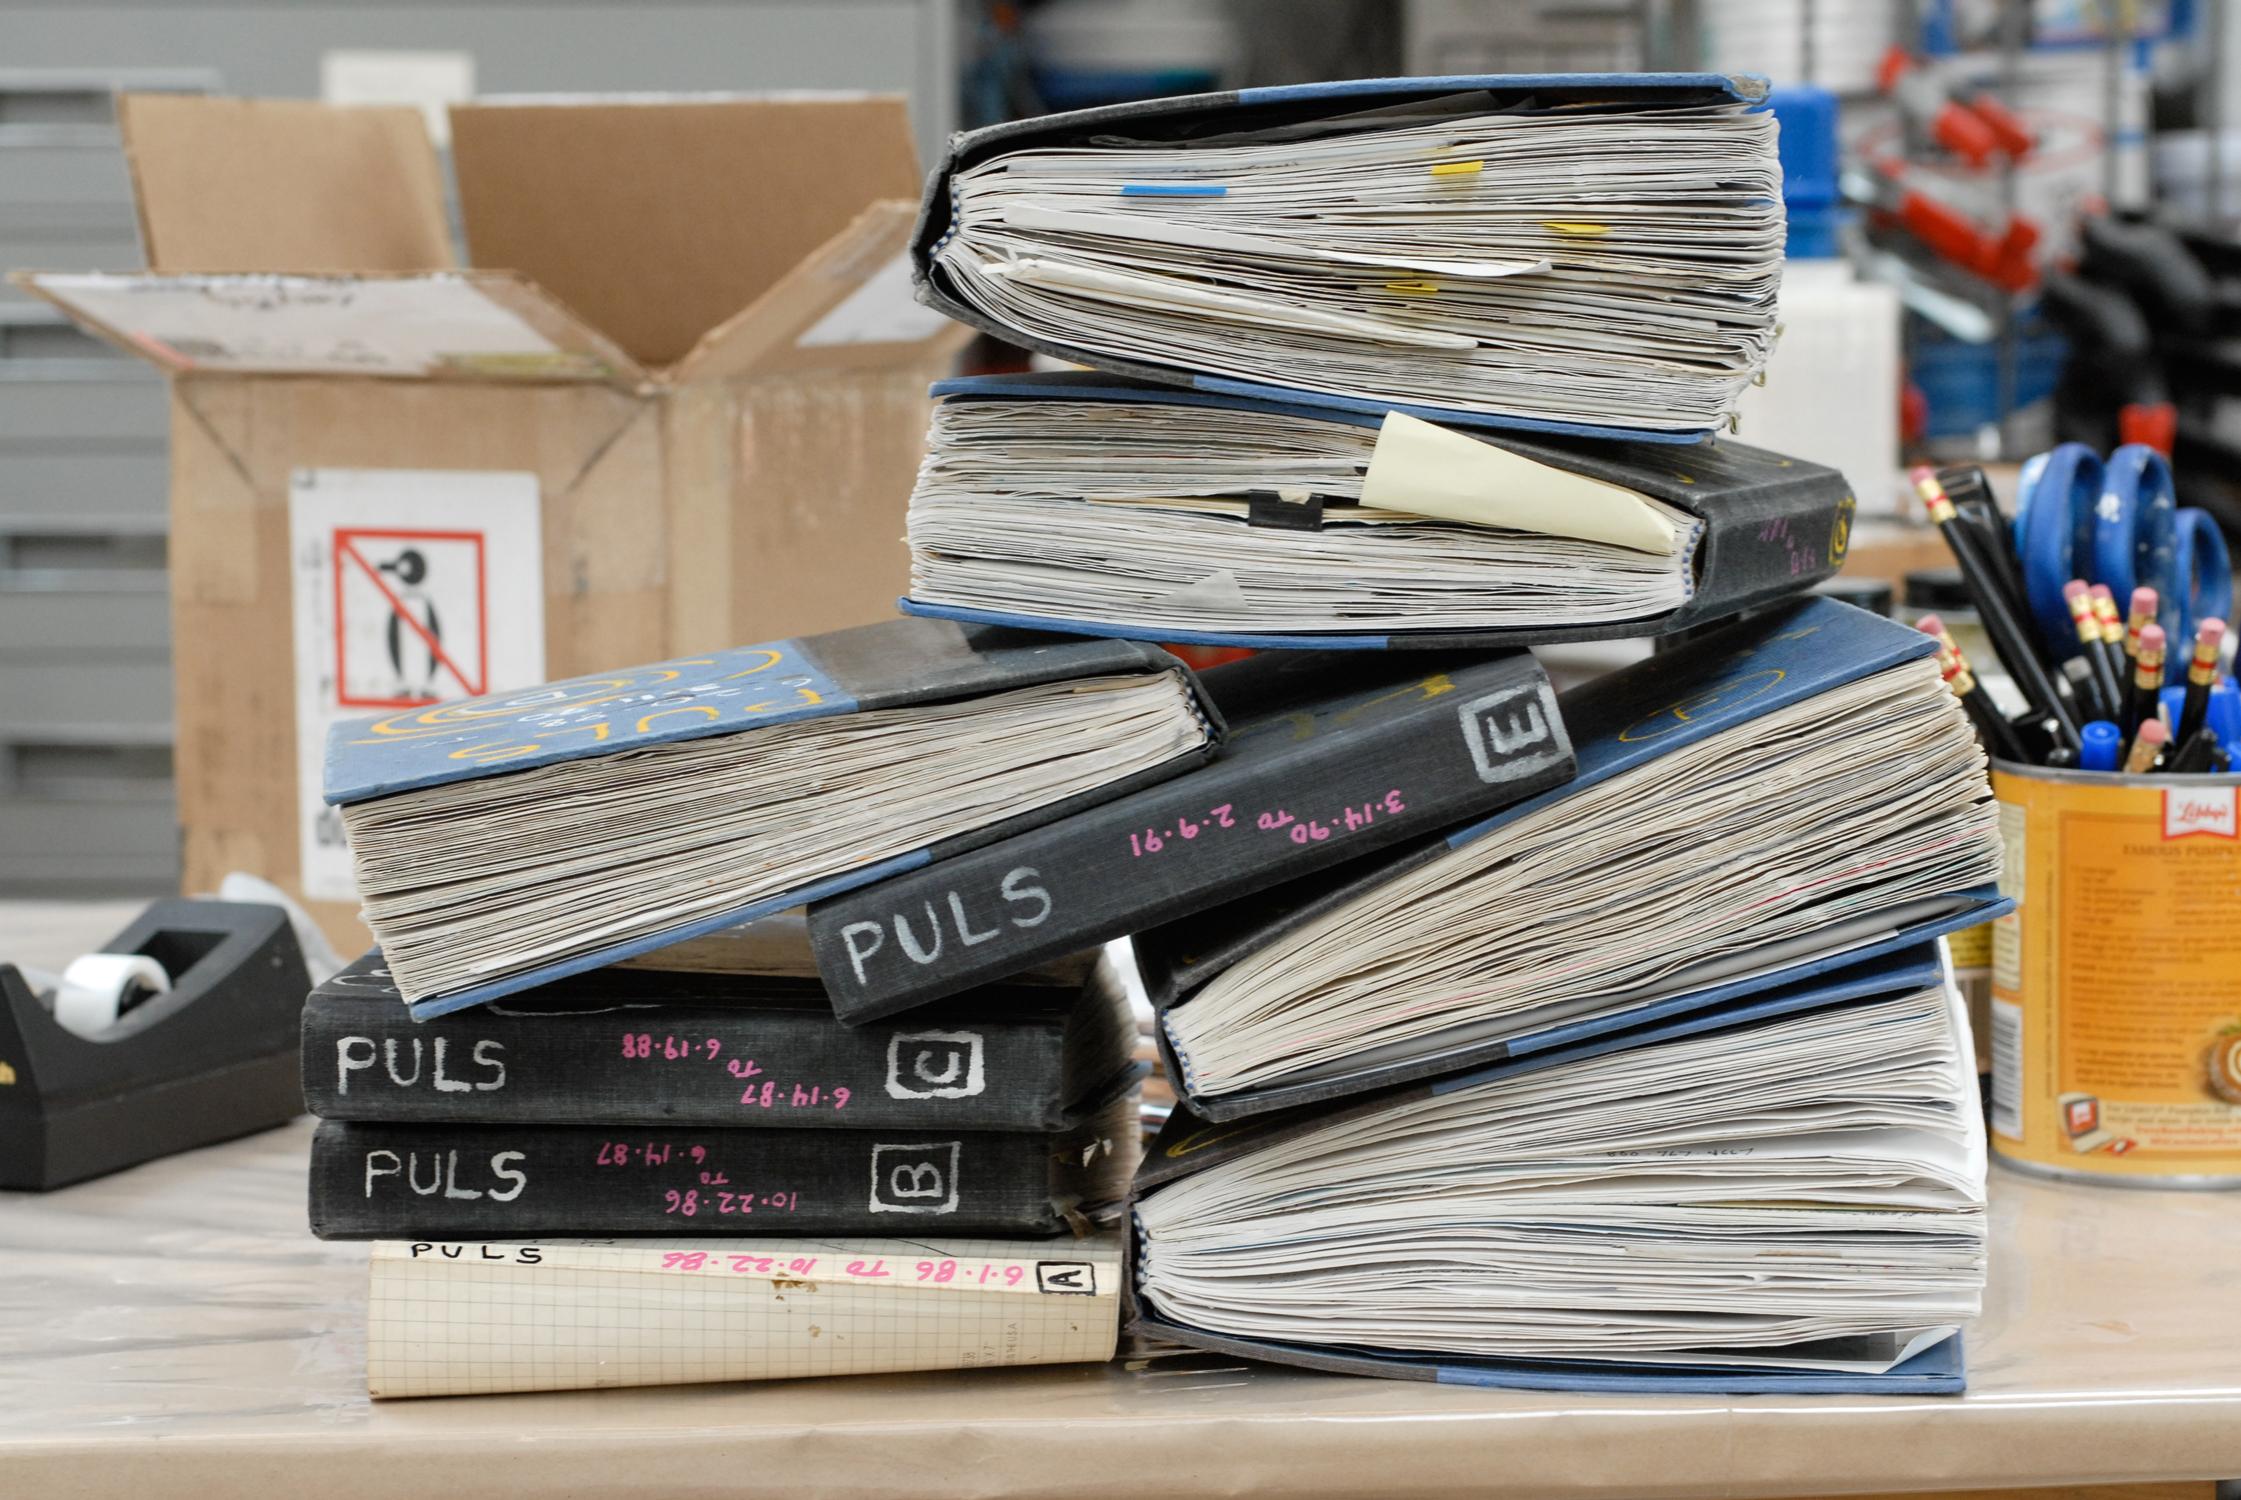 11_Studio_Book_pile_1